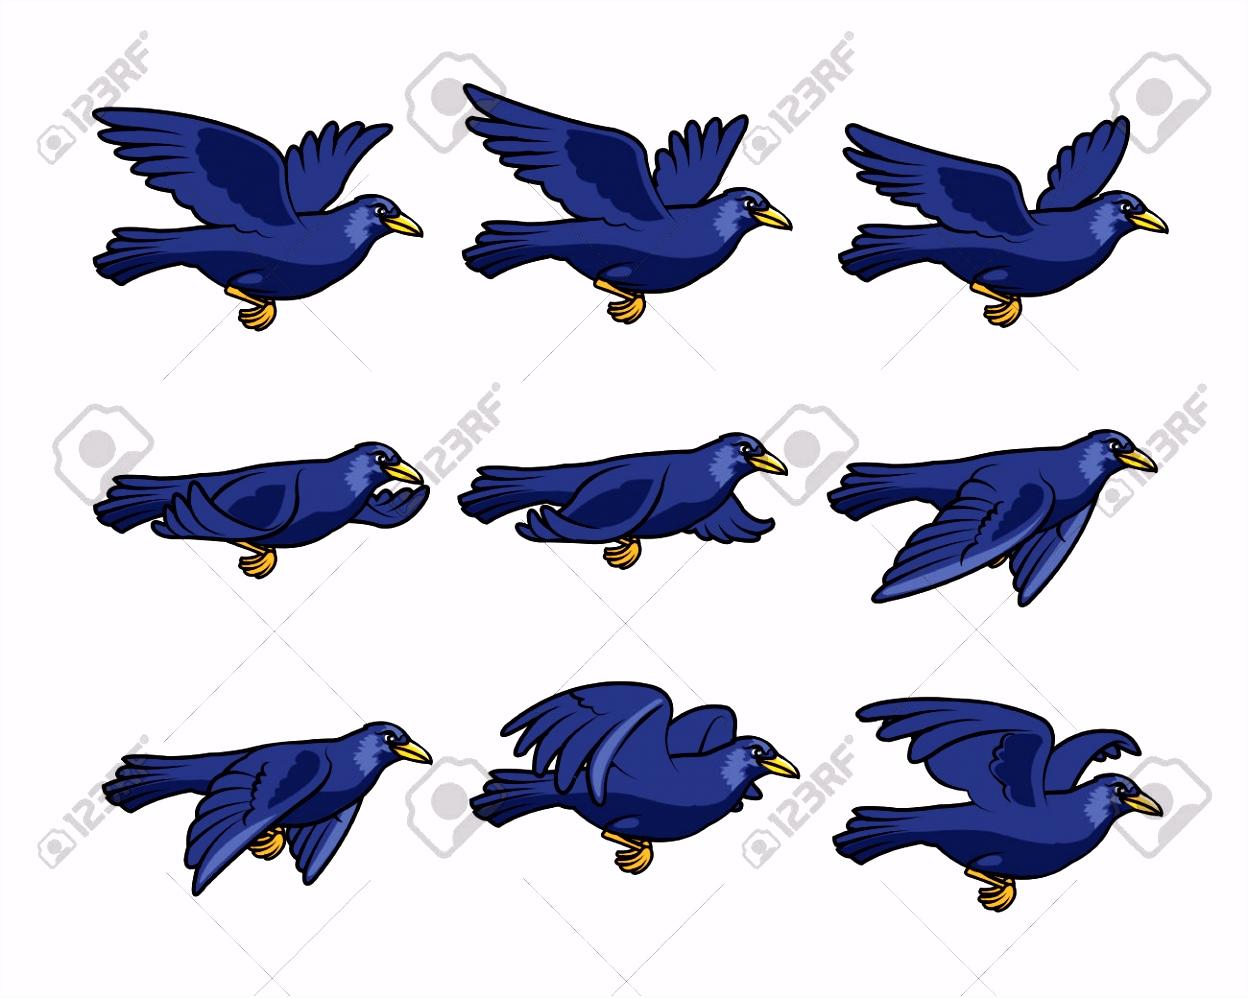 Vrije Vogels Kraai Vliegende Sprite Vogels Pinterest F2mq34tlt0 Vhyu52xaw5